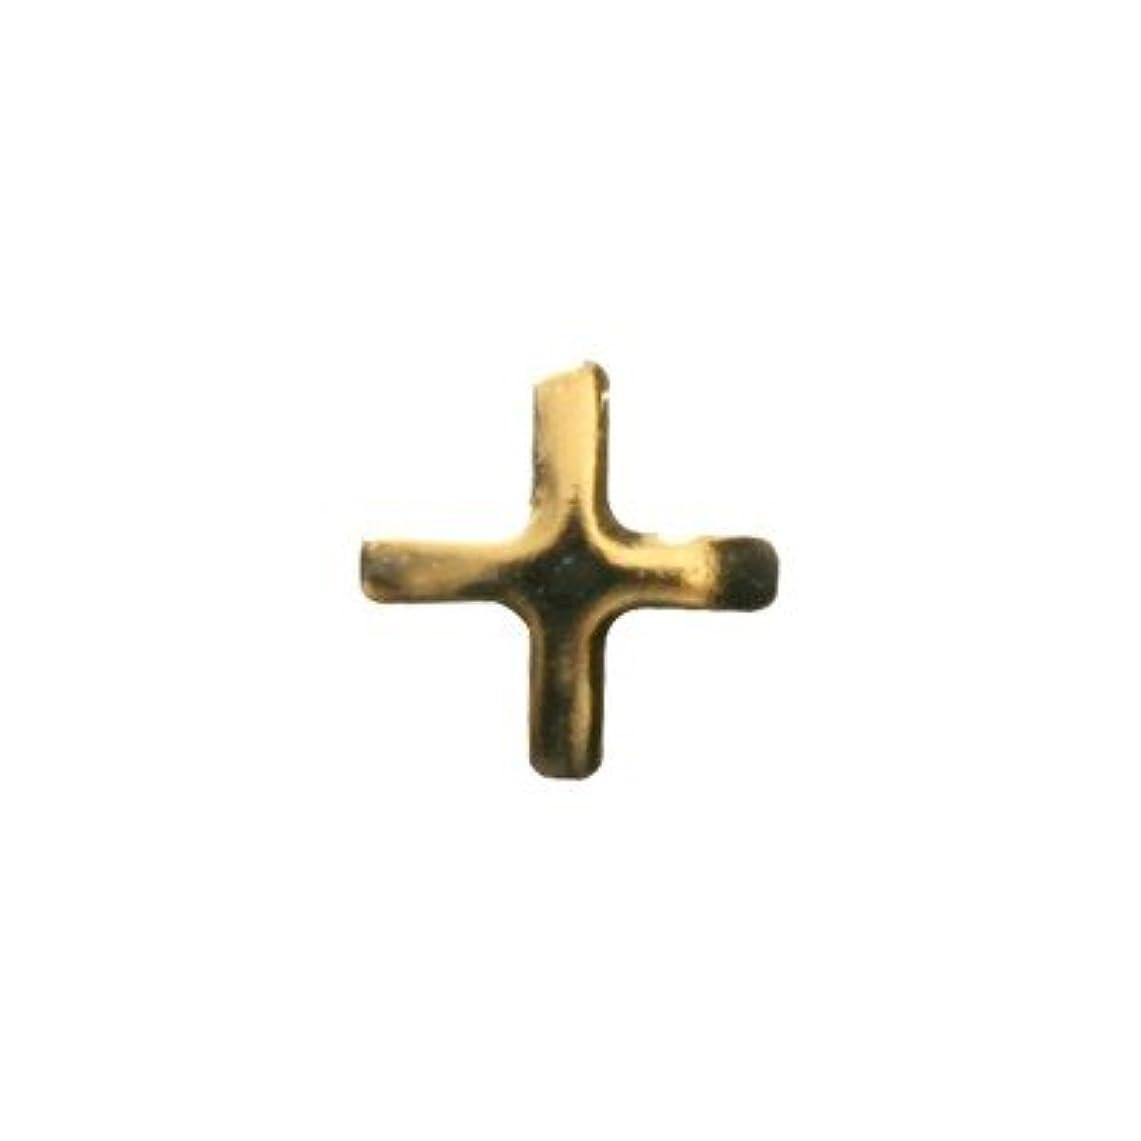 サイレント反乱一部ピアドラ スタッズ クロスレット ハーフ 3mm 50P ゴールド